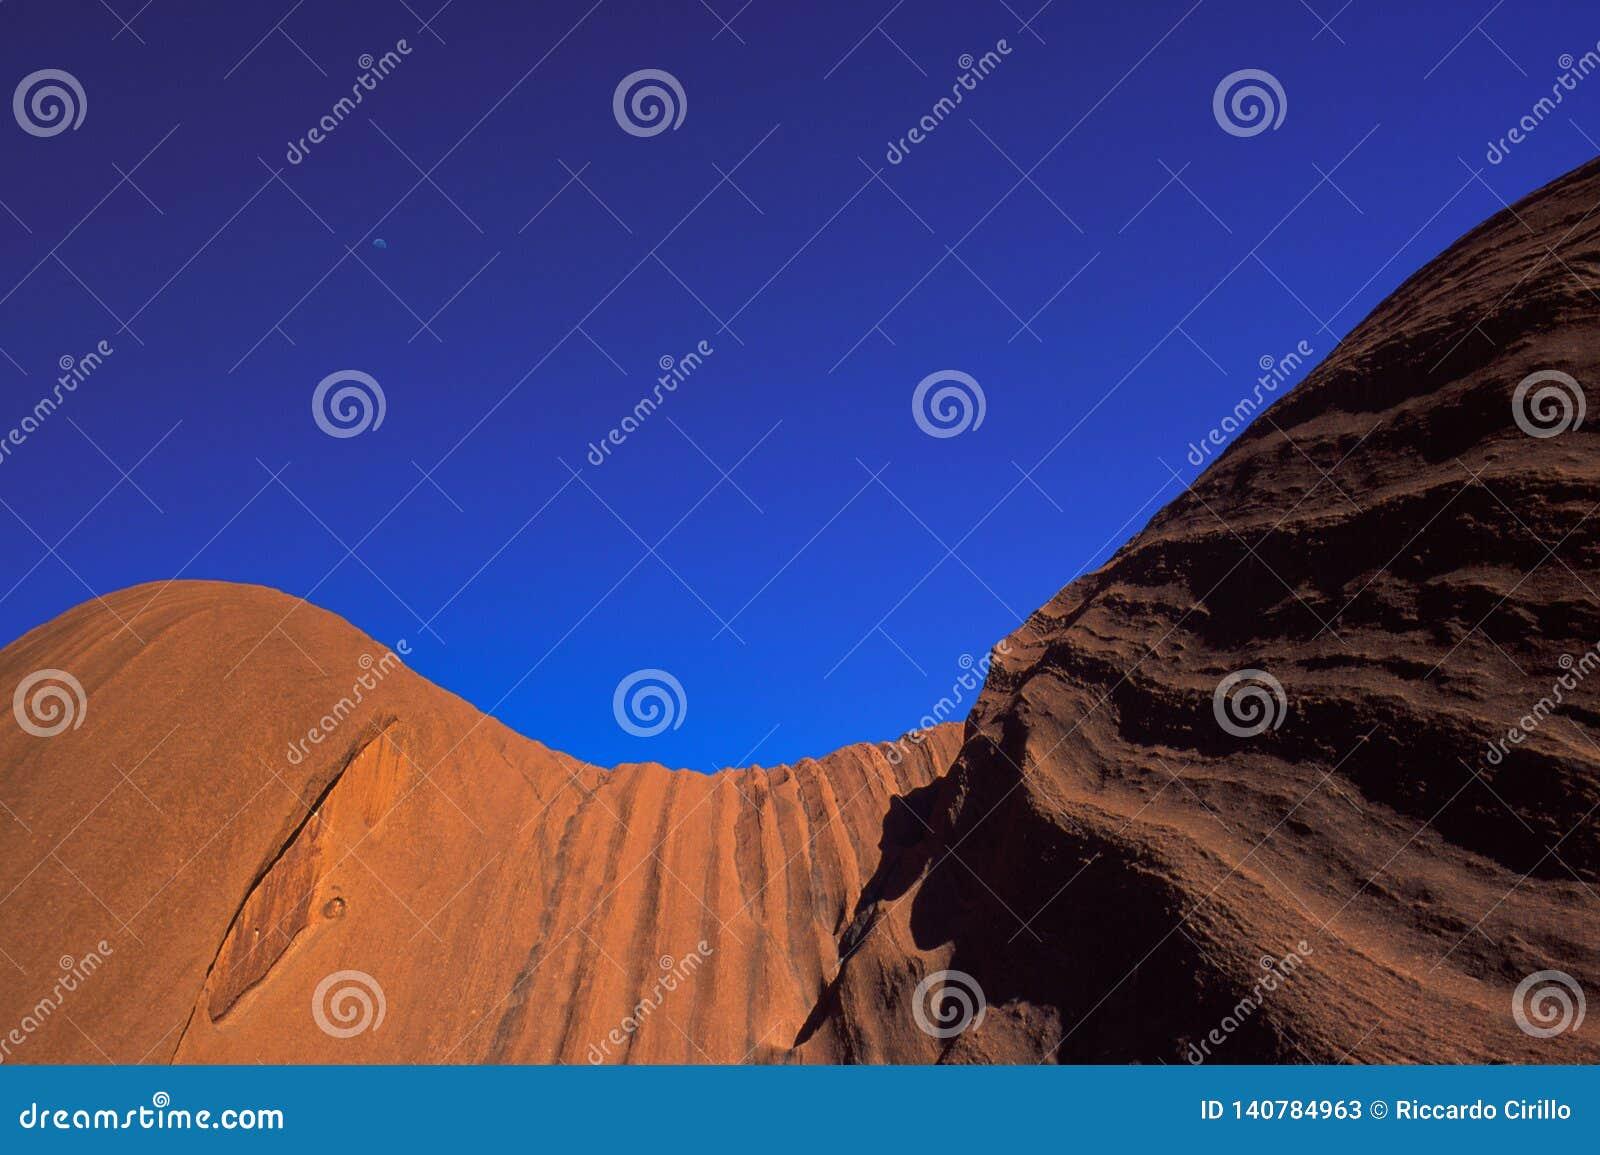 Κλείστε επάνω τις απόψεις του μεγαλοπρεπούς σχηματισμού βράχου του βράχου Uluru Ayers στο εθνικό πάρκο Uluru Kata Tjuta, Αυστραλί